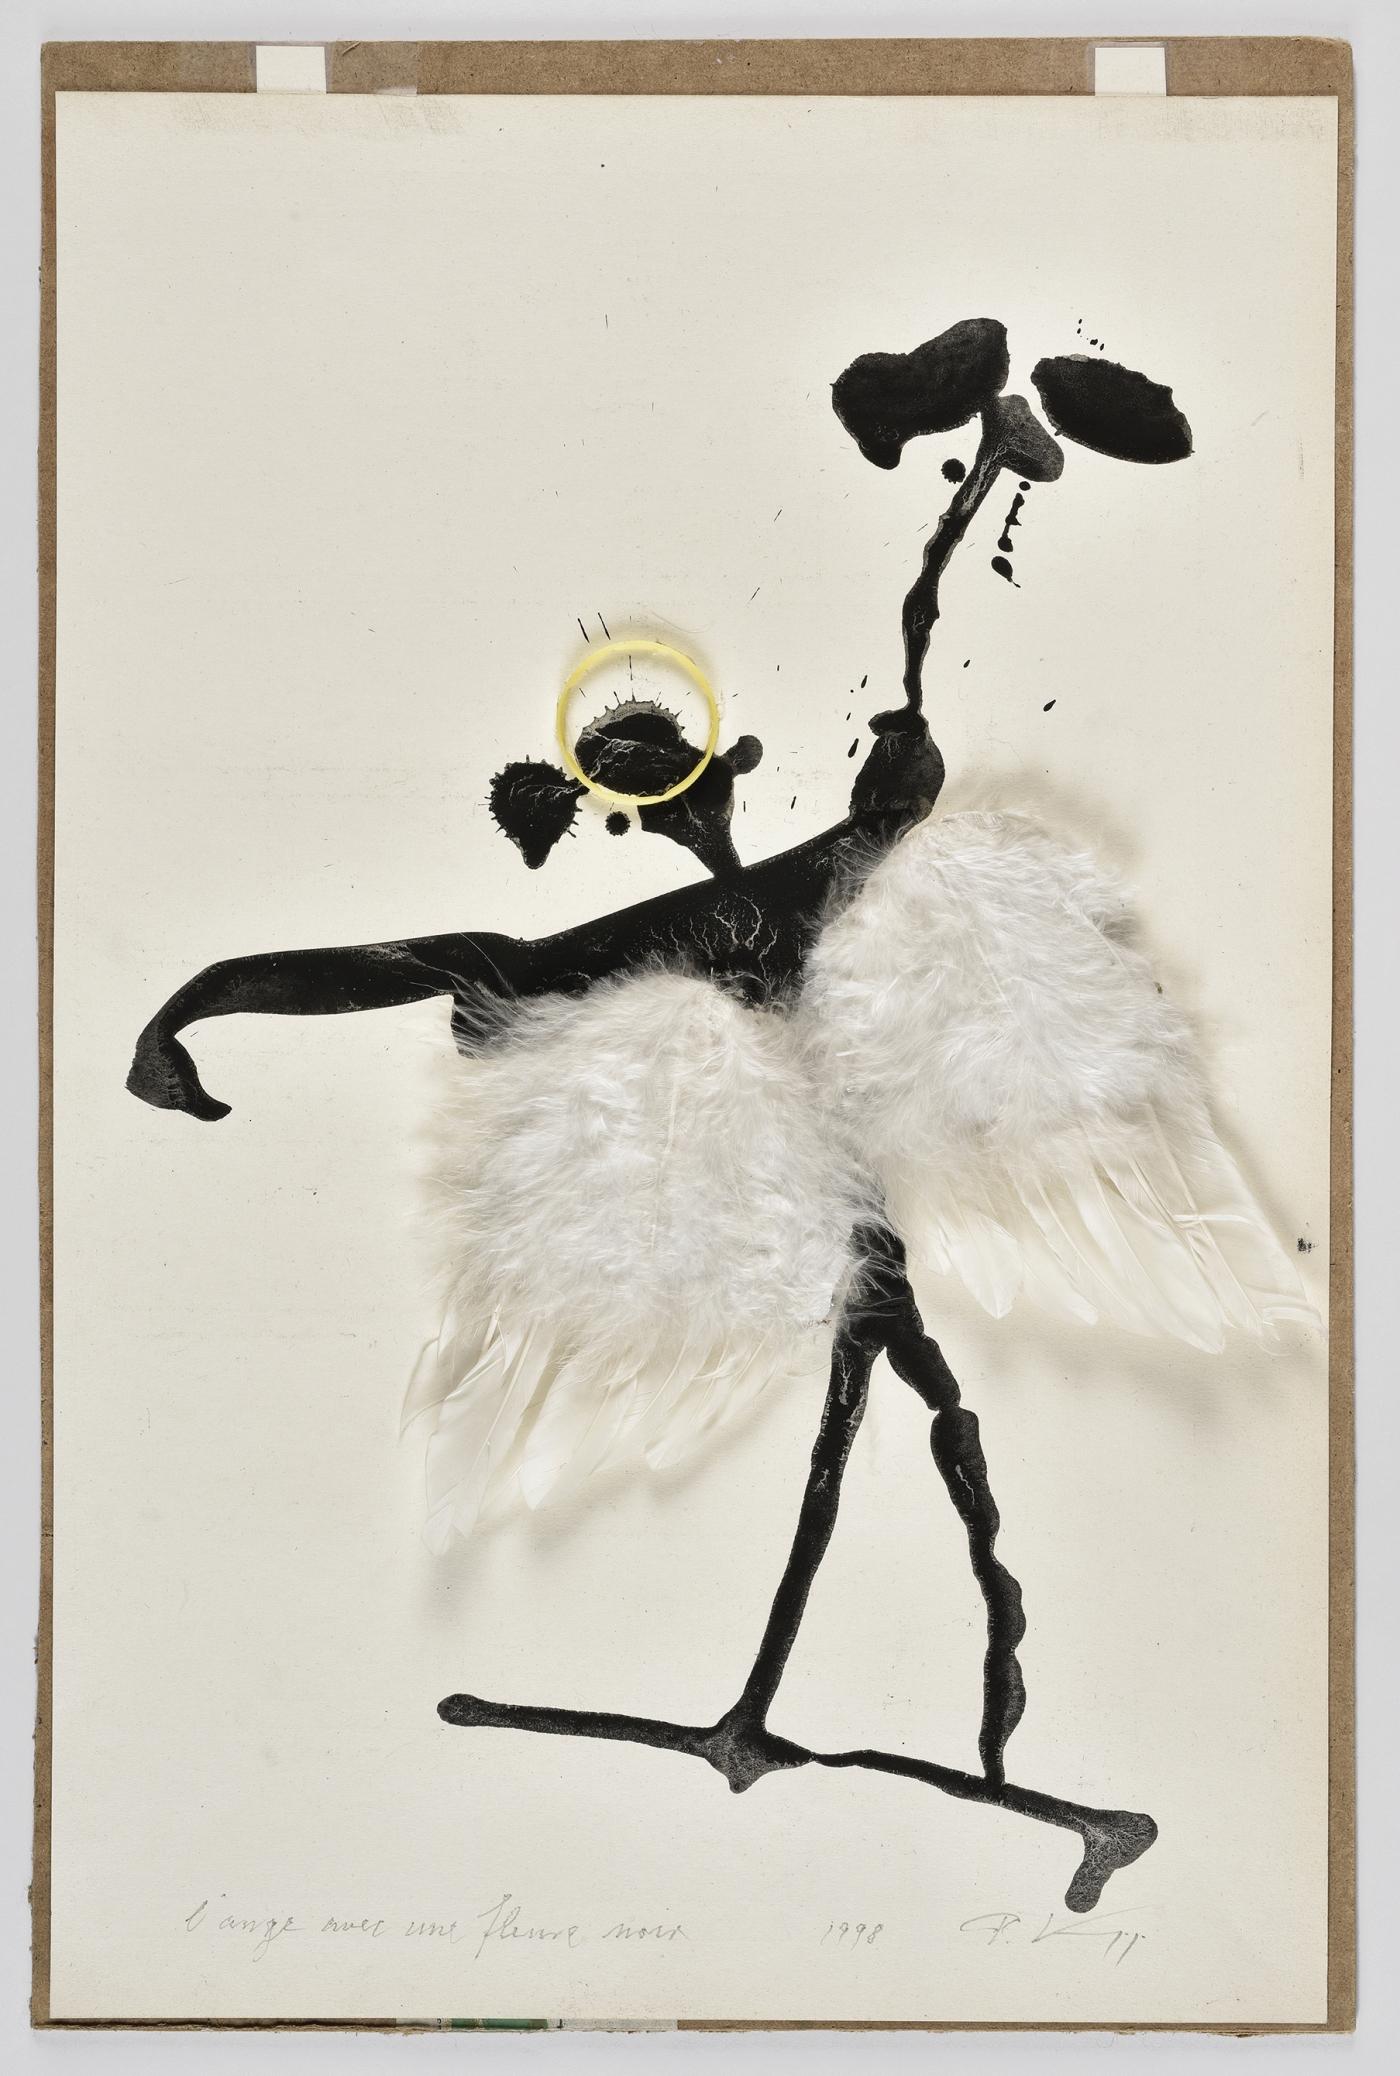 Peter Knapp, « L'ange avec une fleure noire », 1998 Lavis d'encre de Chine et collages de plastique jaune et de plumes sur papier, 47,9 x 31,7 cm © Peter Knapp. Photo : Musées de la Ville de Strasbourg / Mathieu Bertola